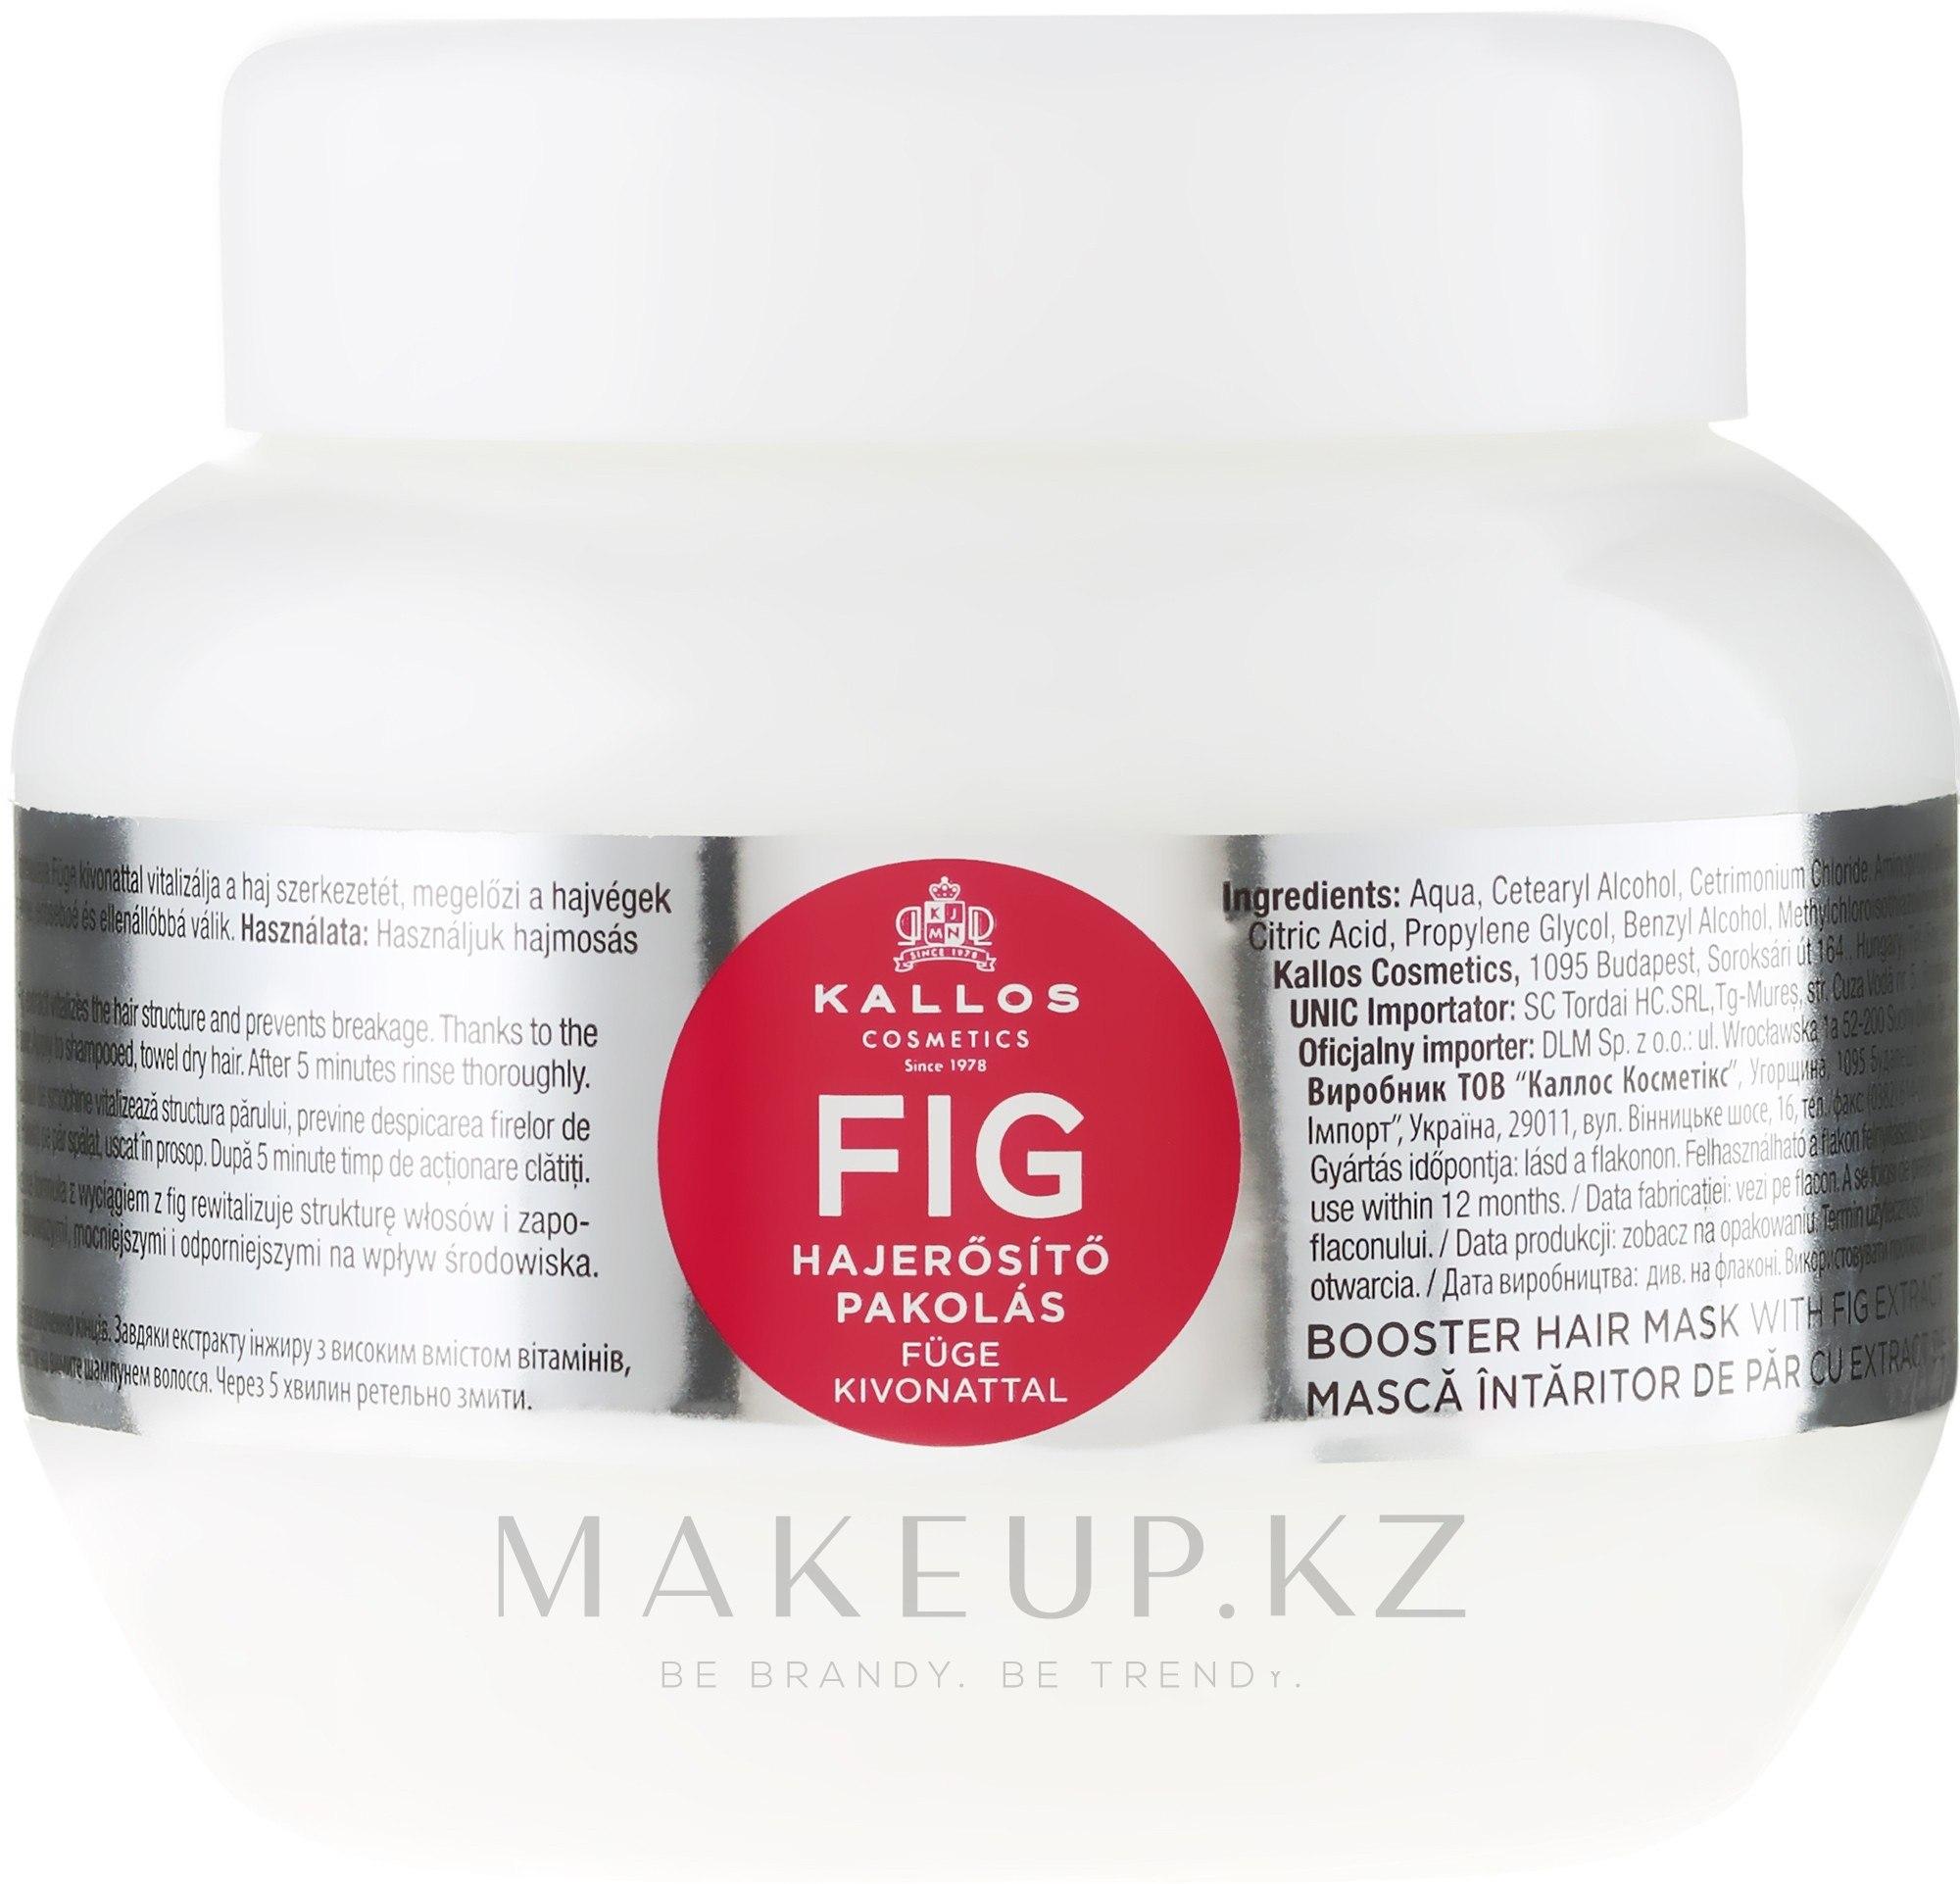 Витаминизированный уход: какие маски для волос с витаминами выбрать?